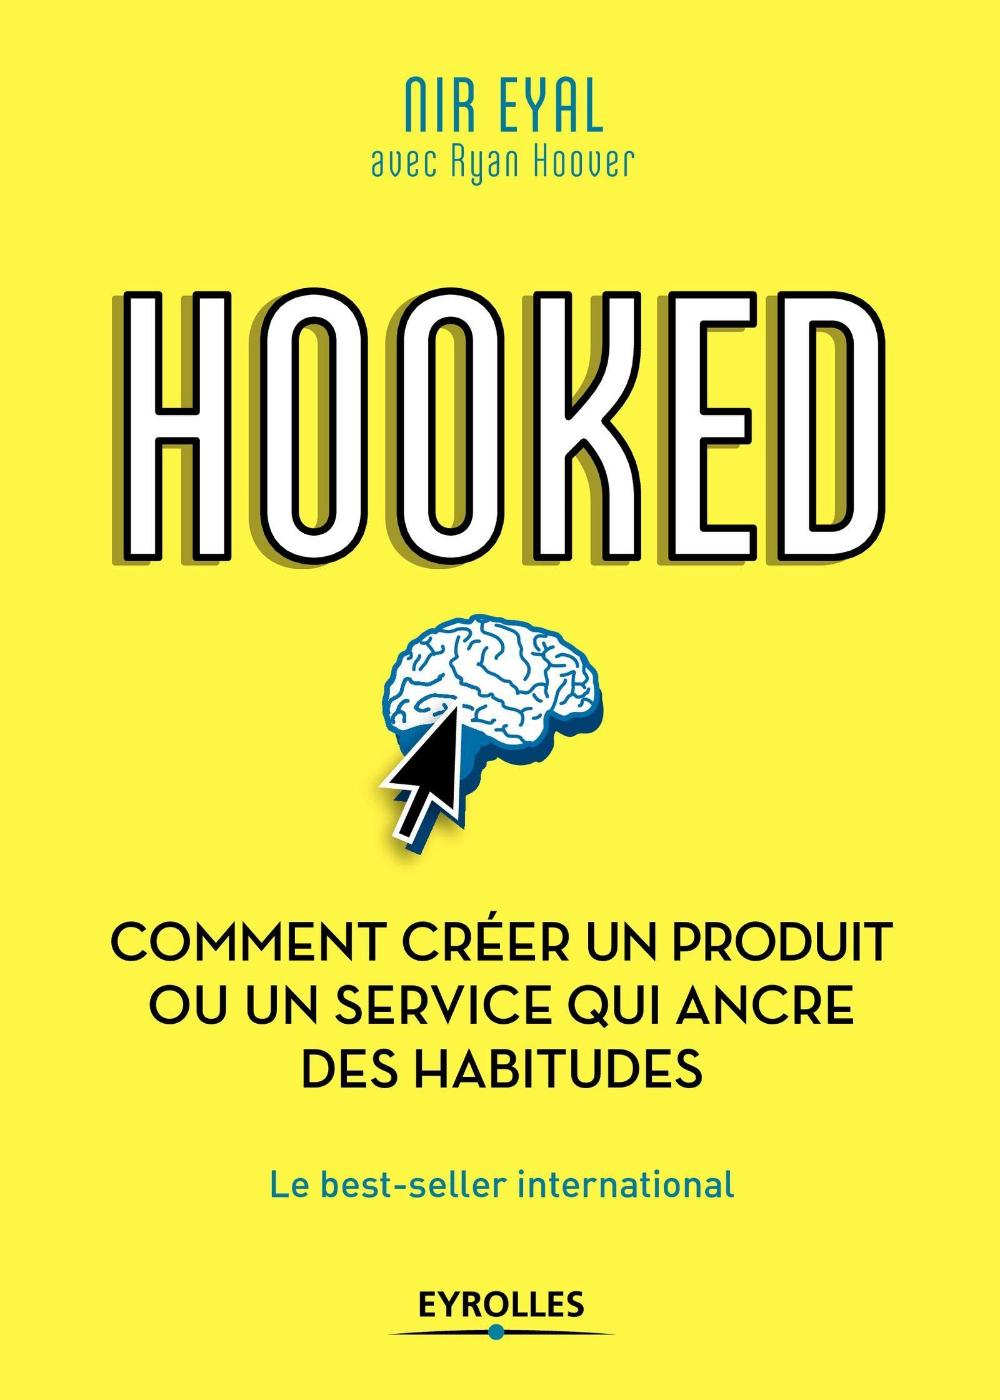 HOOKED Comment créer un produit ou un service qui ancre